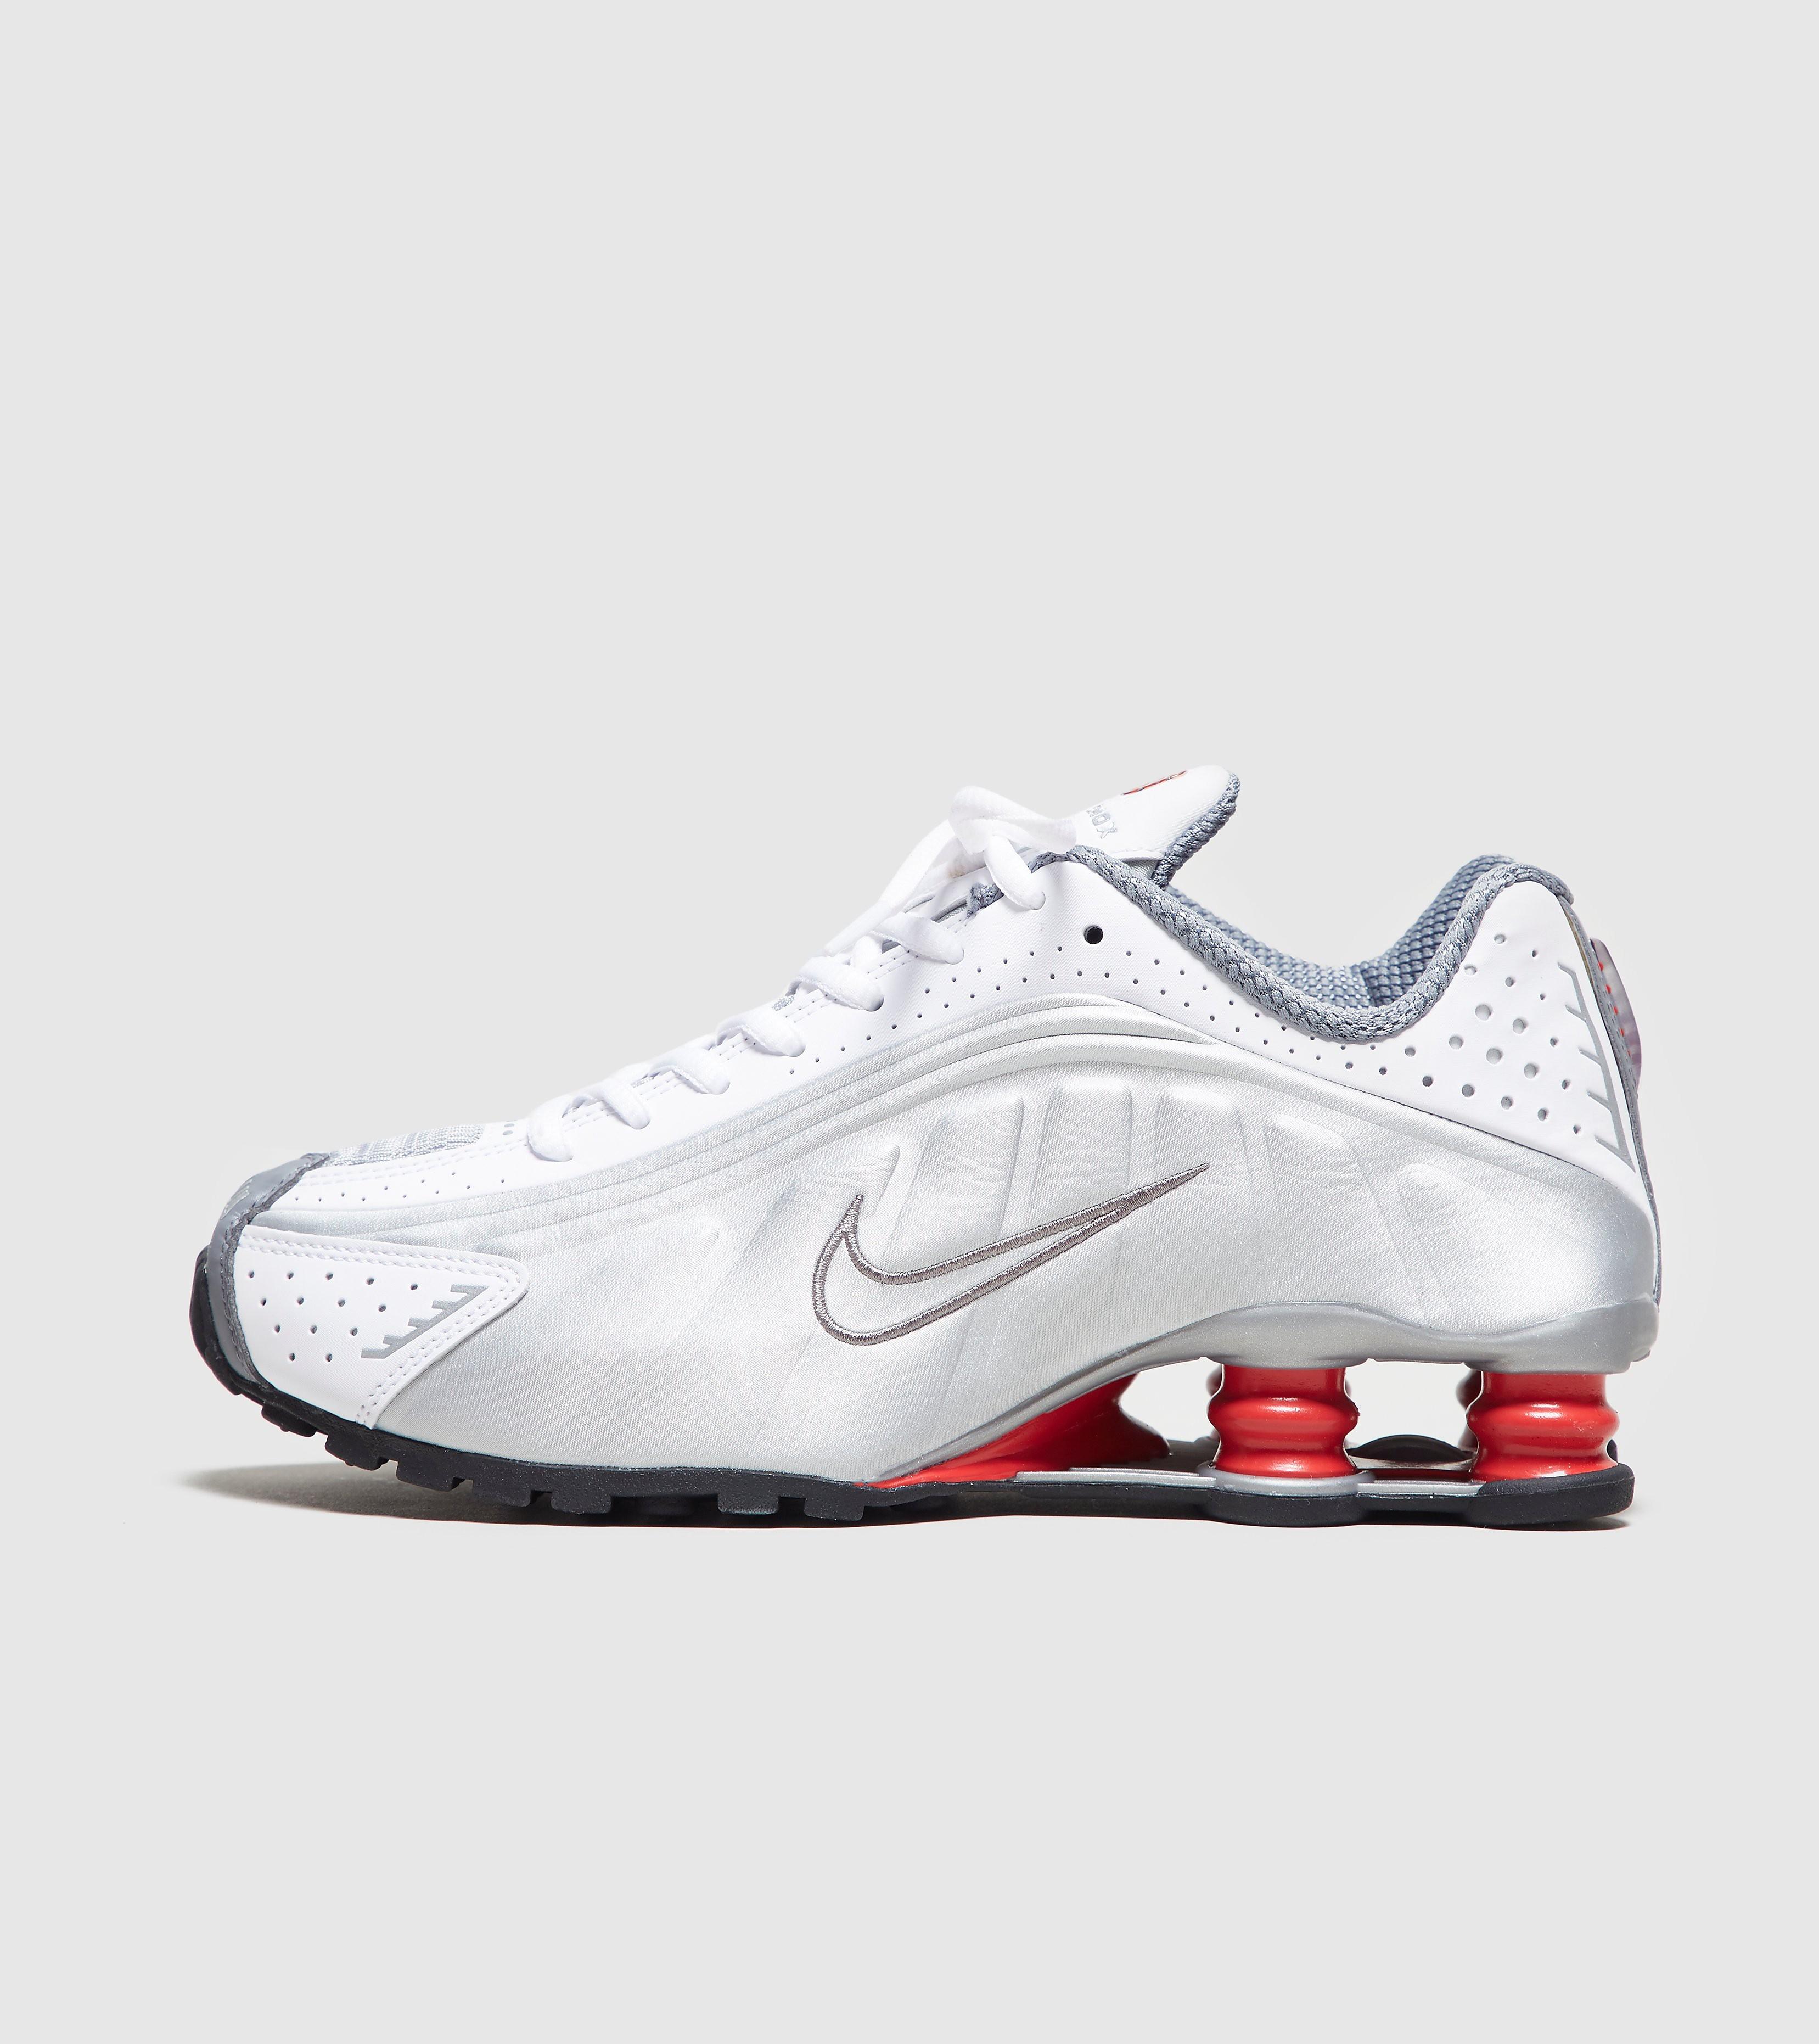 per shoppen bei Nike Rechnung Erstbestellung shox Lq4c3A5jR